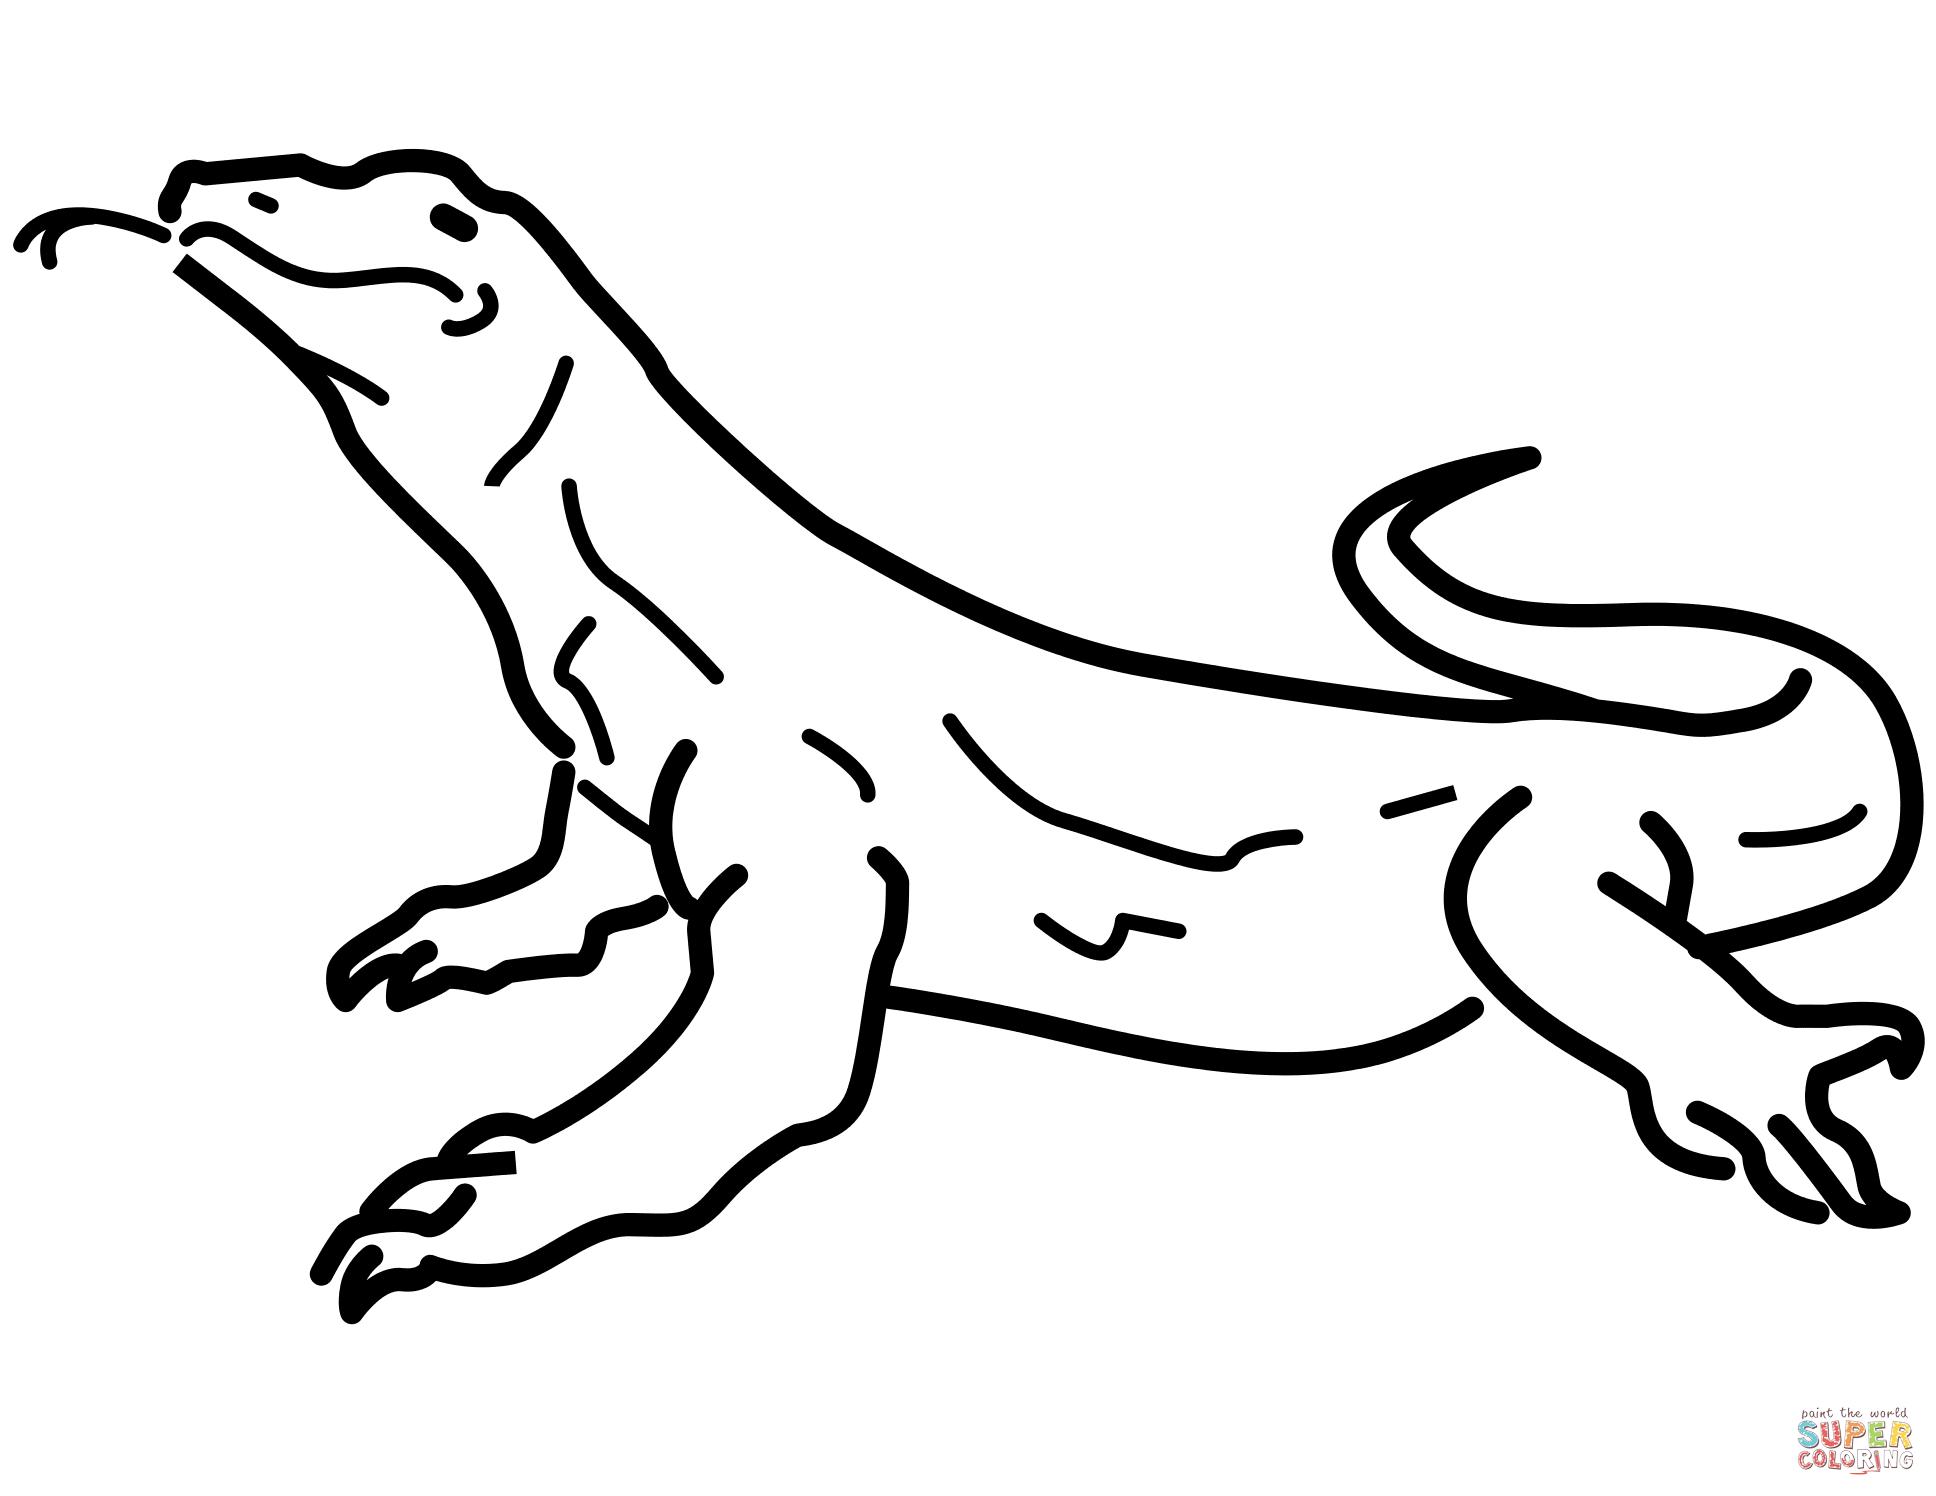 Komodo coloring #8, Download drawings